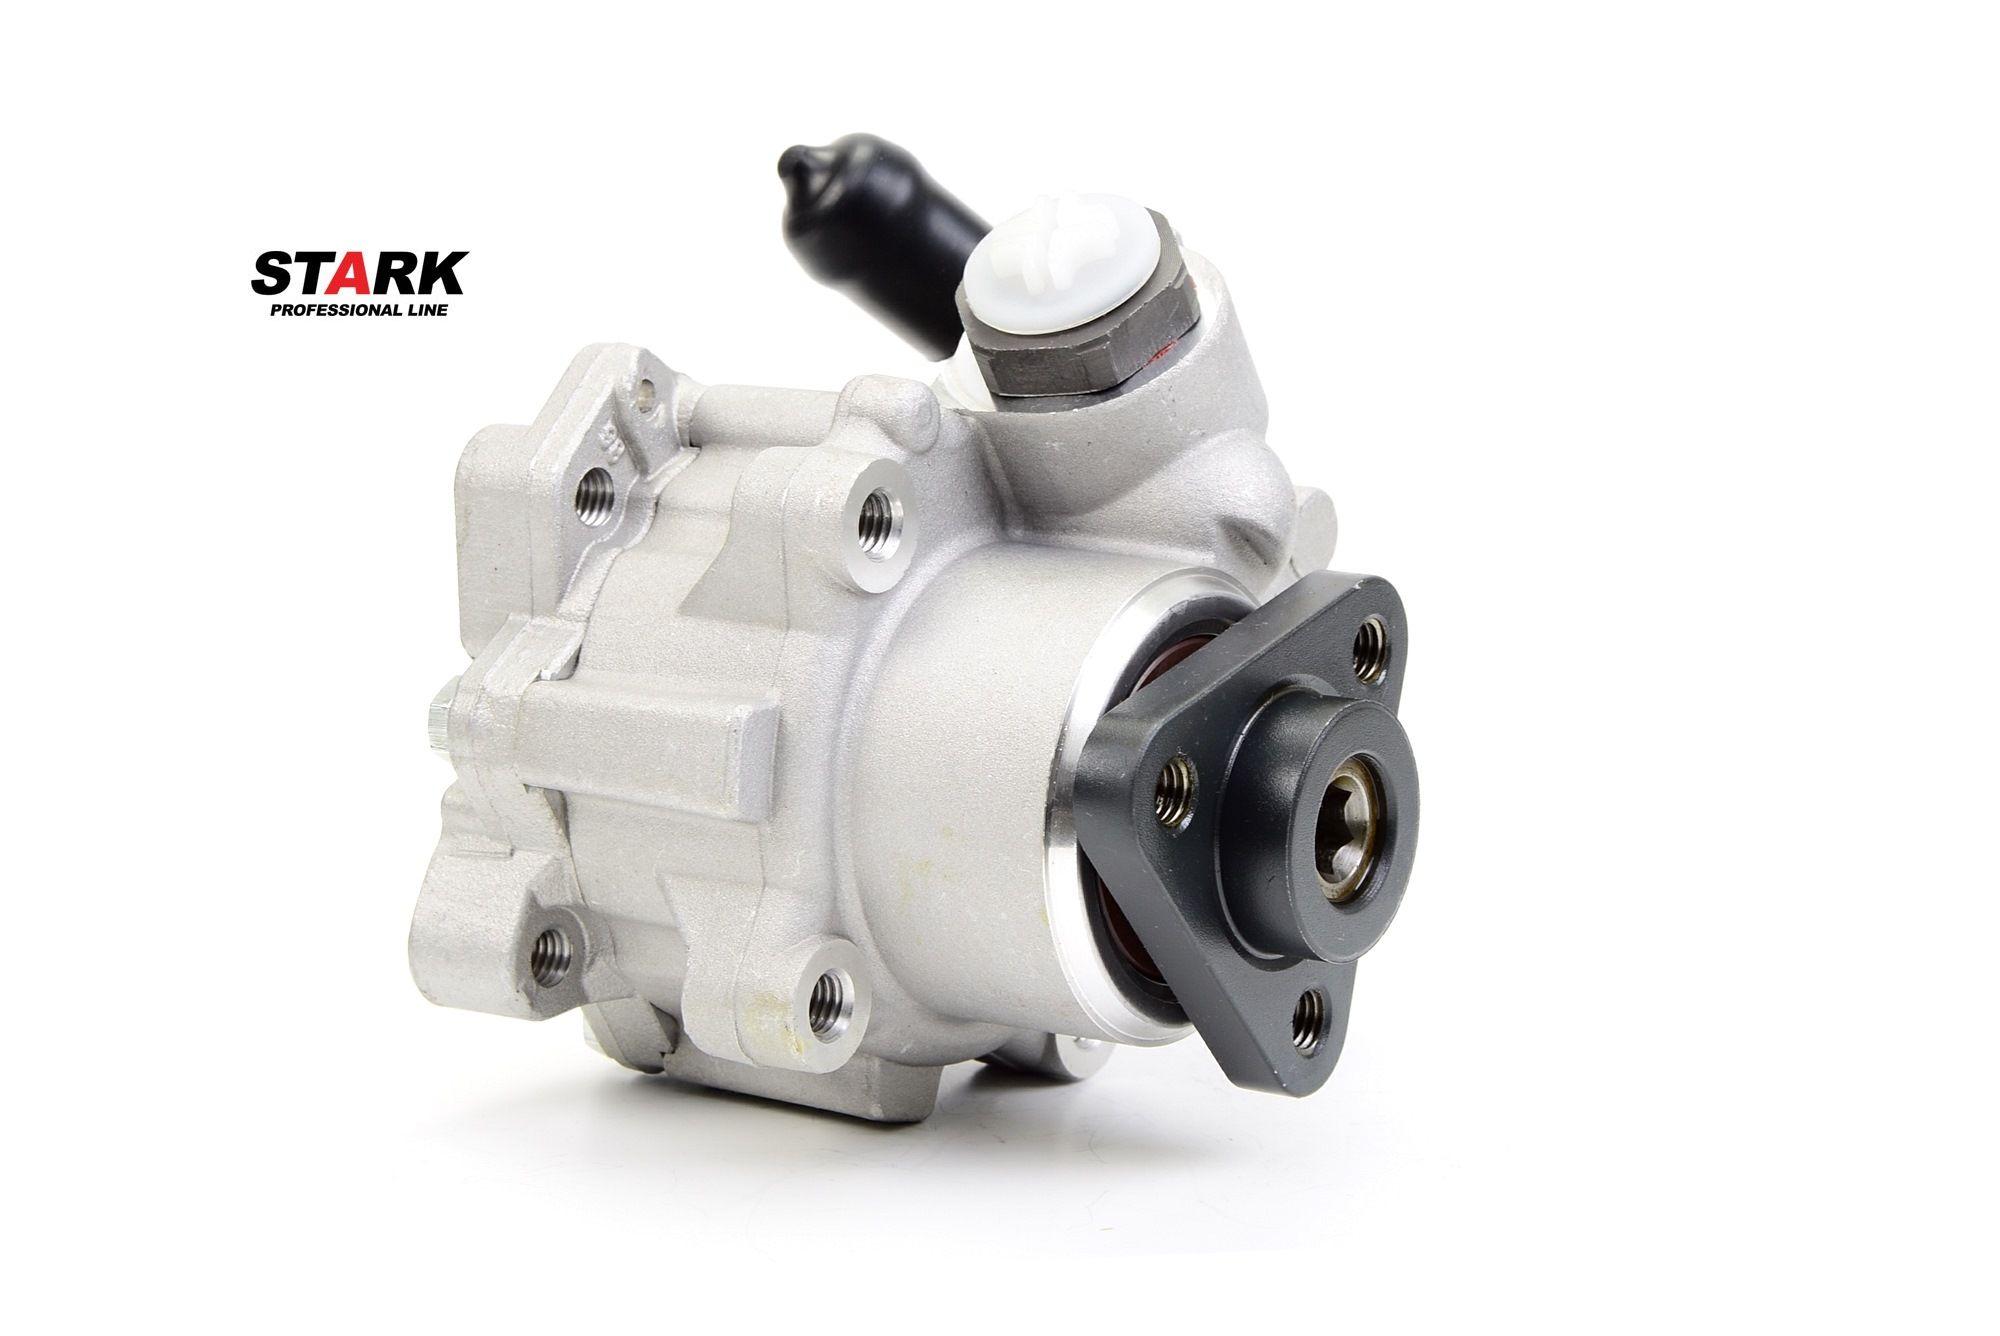 STARK: Original Servolenkung Pumpe SKHP-0540002 (Druck [bar]: 120bar, Links-/Rechtslenker: für Links-/Rechtslenker)